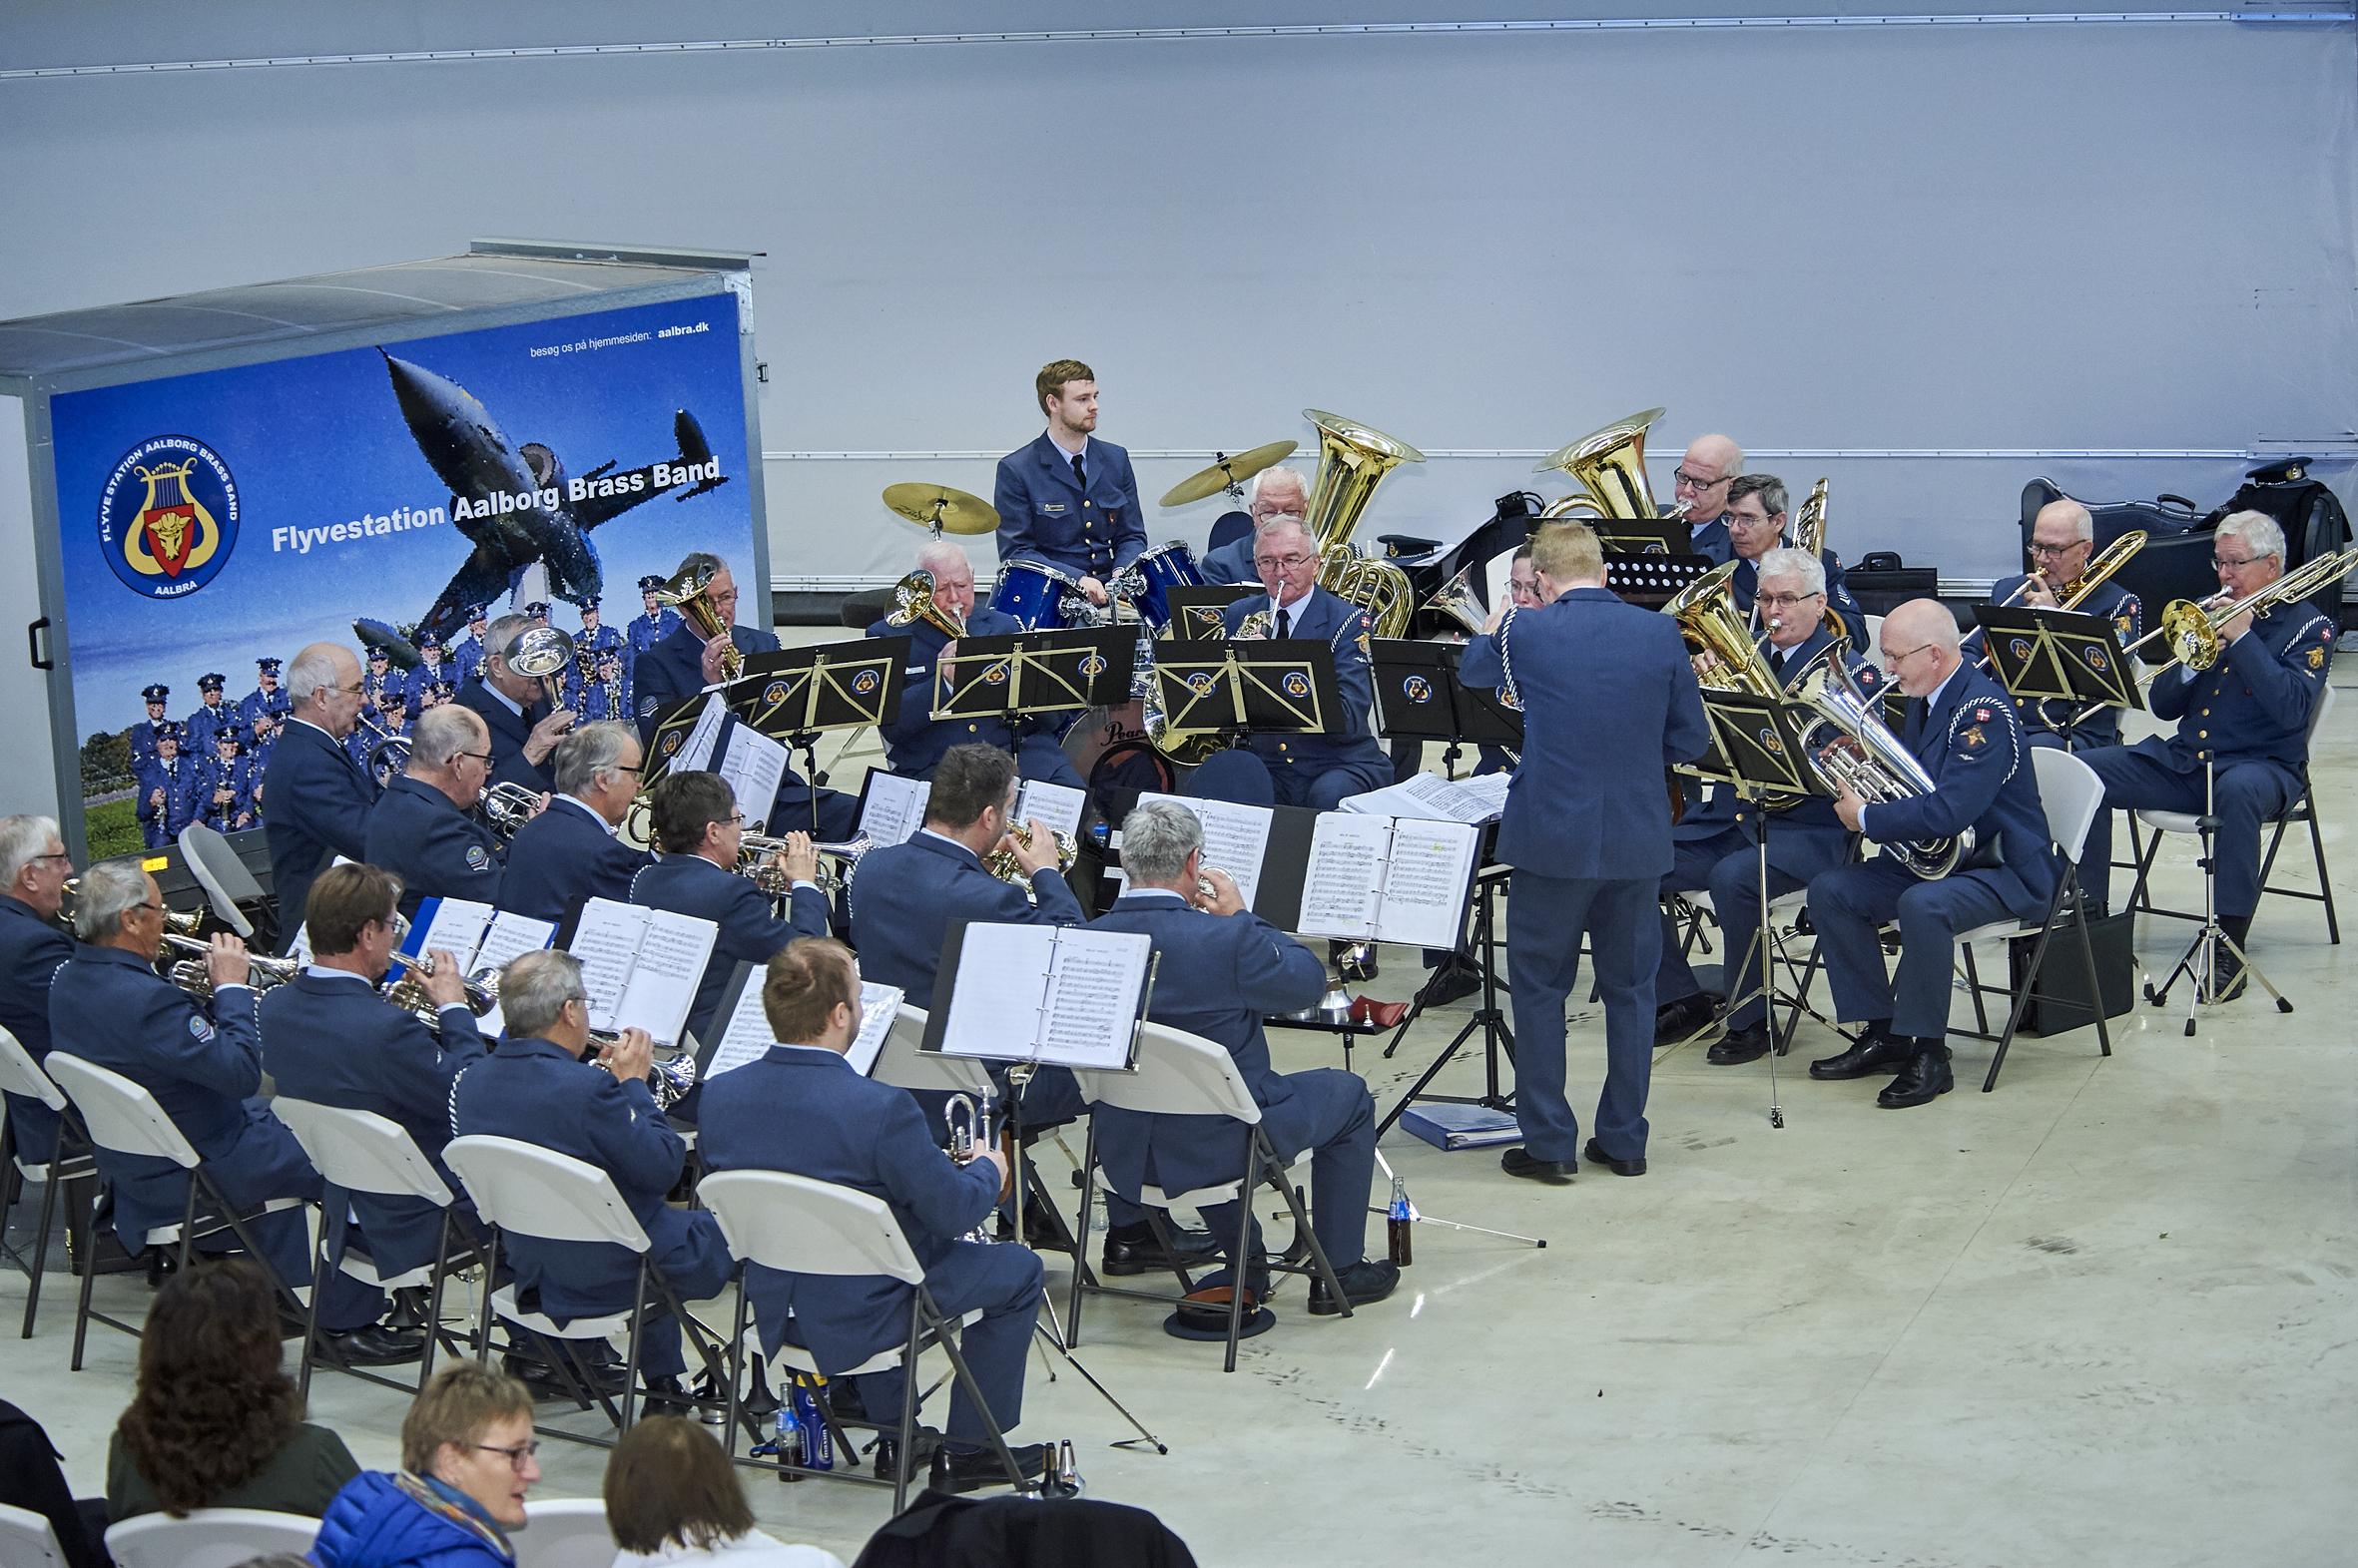 Tidligere Koncerter Flyvestation Aalborg Brass Band